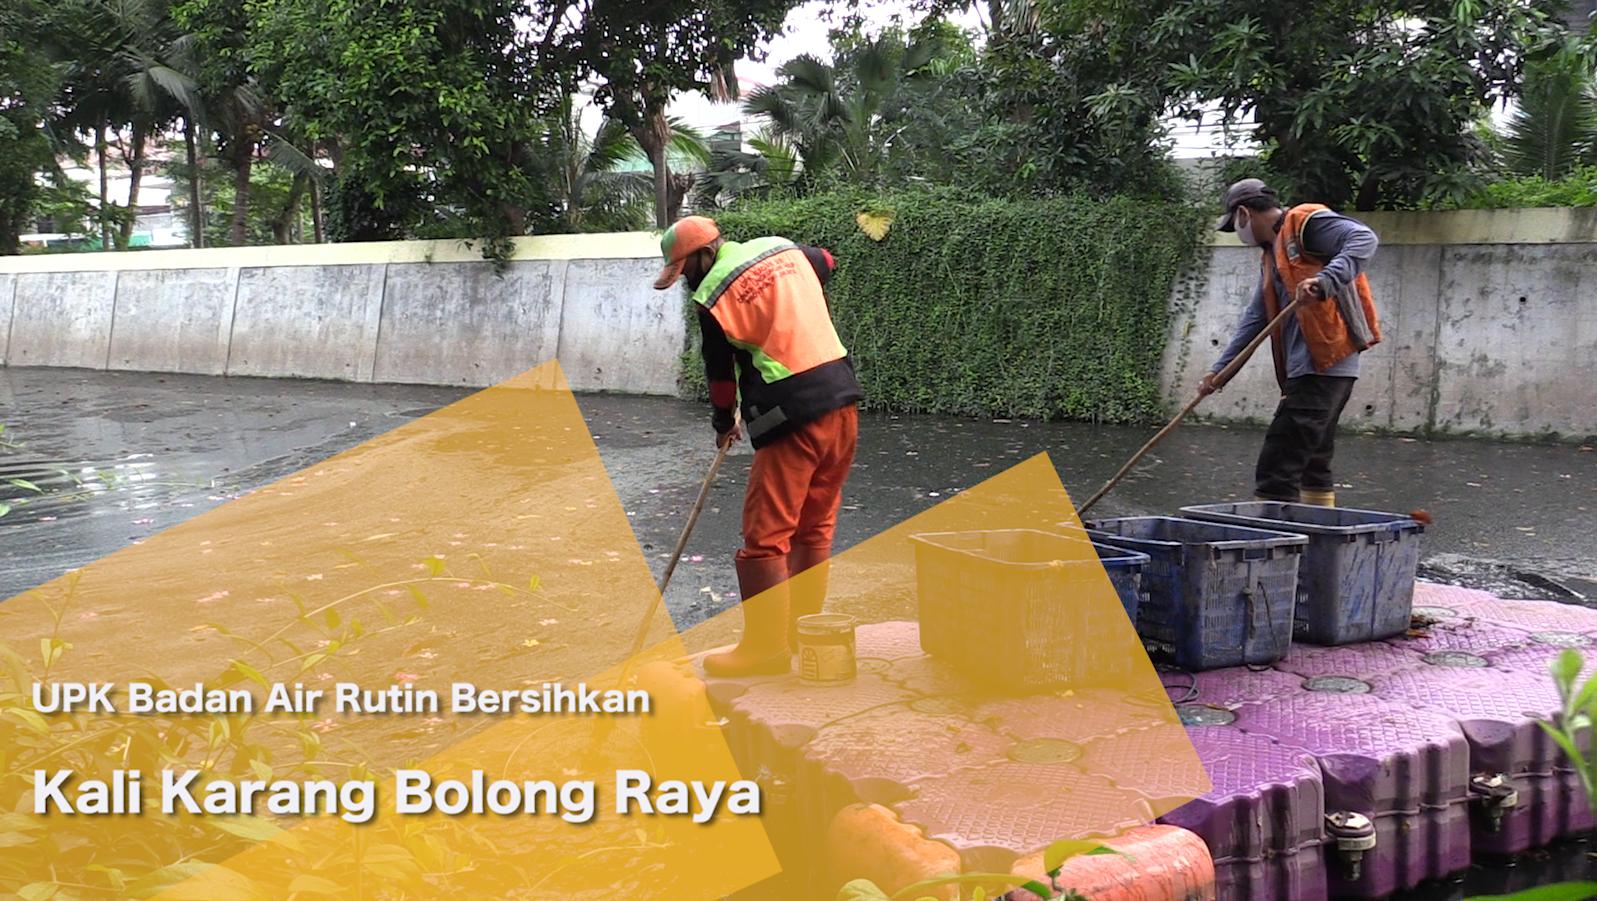 UPK Badan Air Rutin Bersihkan Kali Karang Bolong Raya